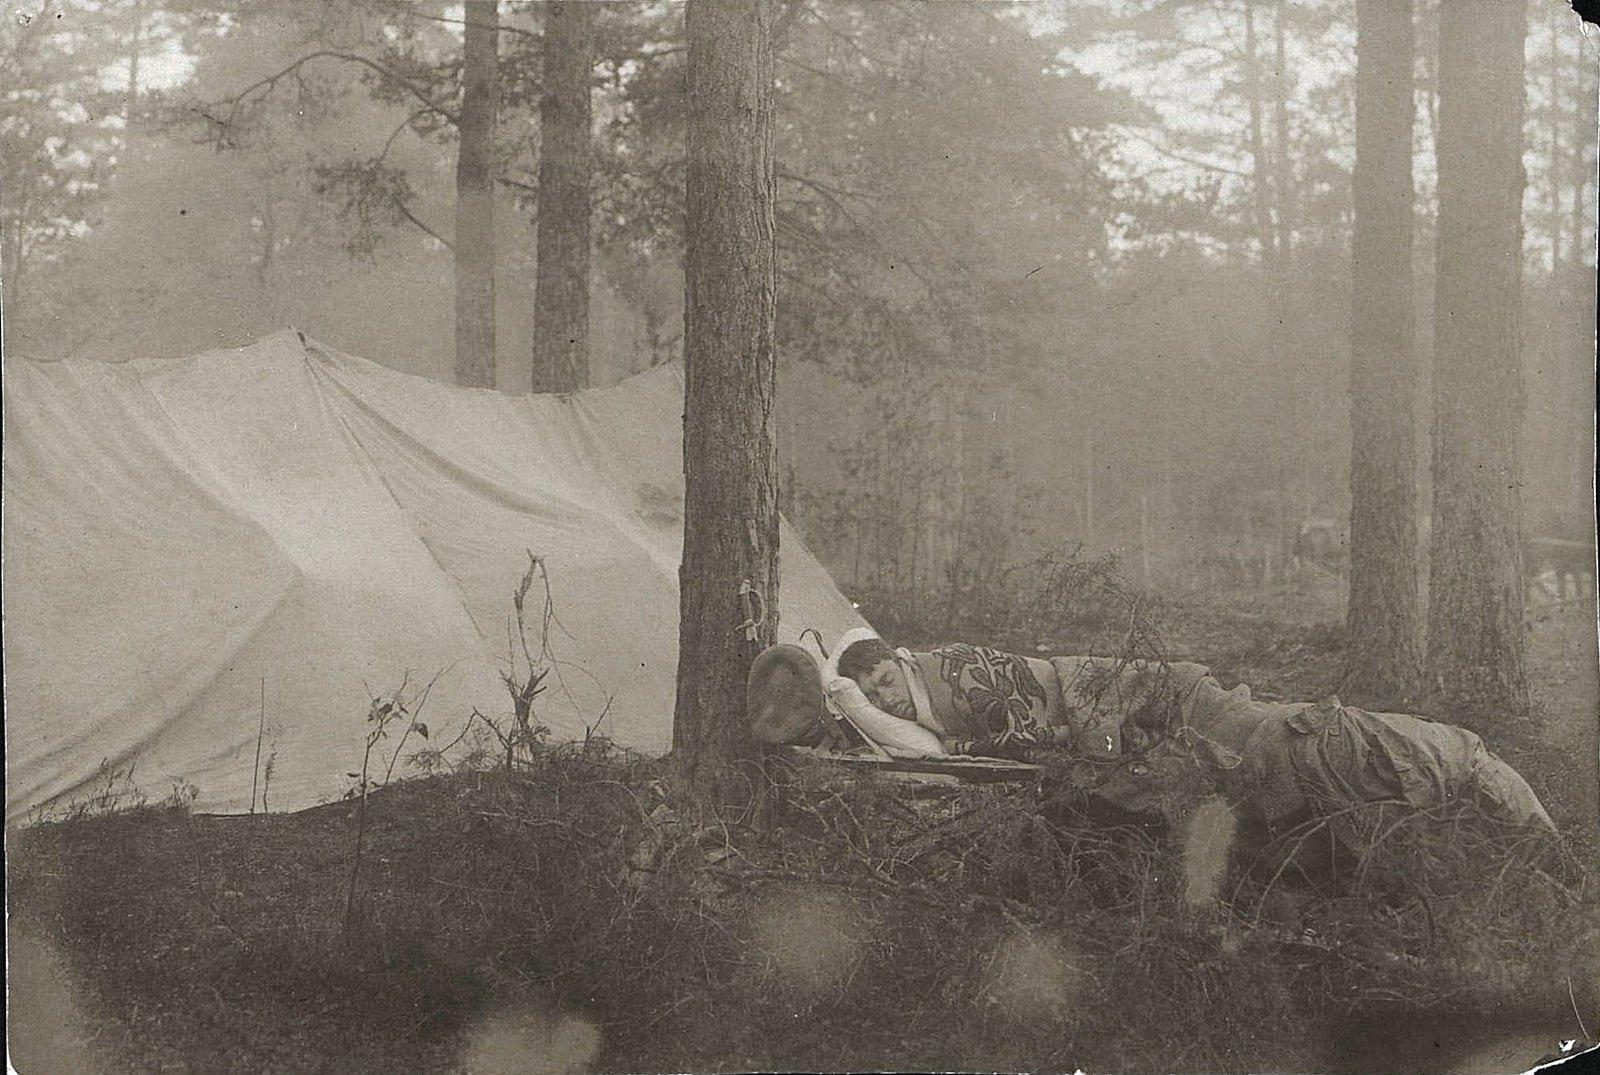 1915. Прапорщик Анощенко Николай Дмитриевич, фронтовой фотограф, спит около палатки